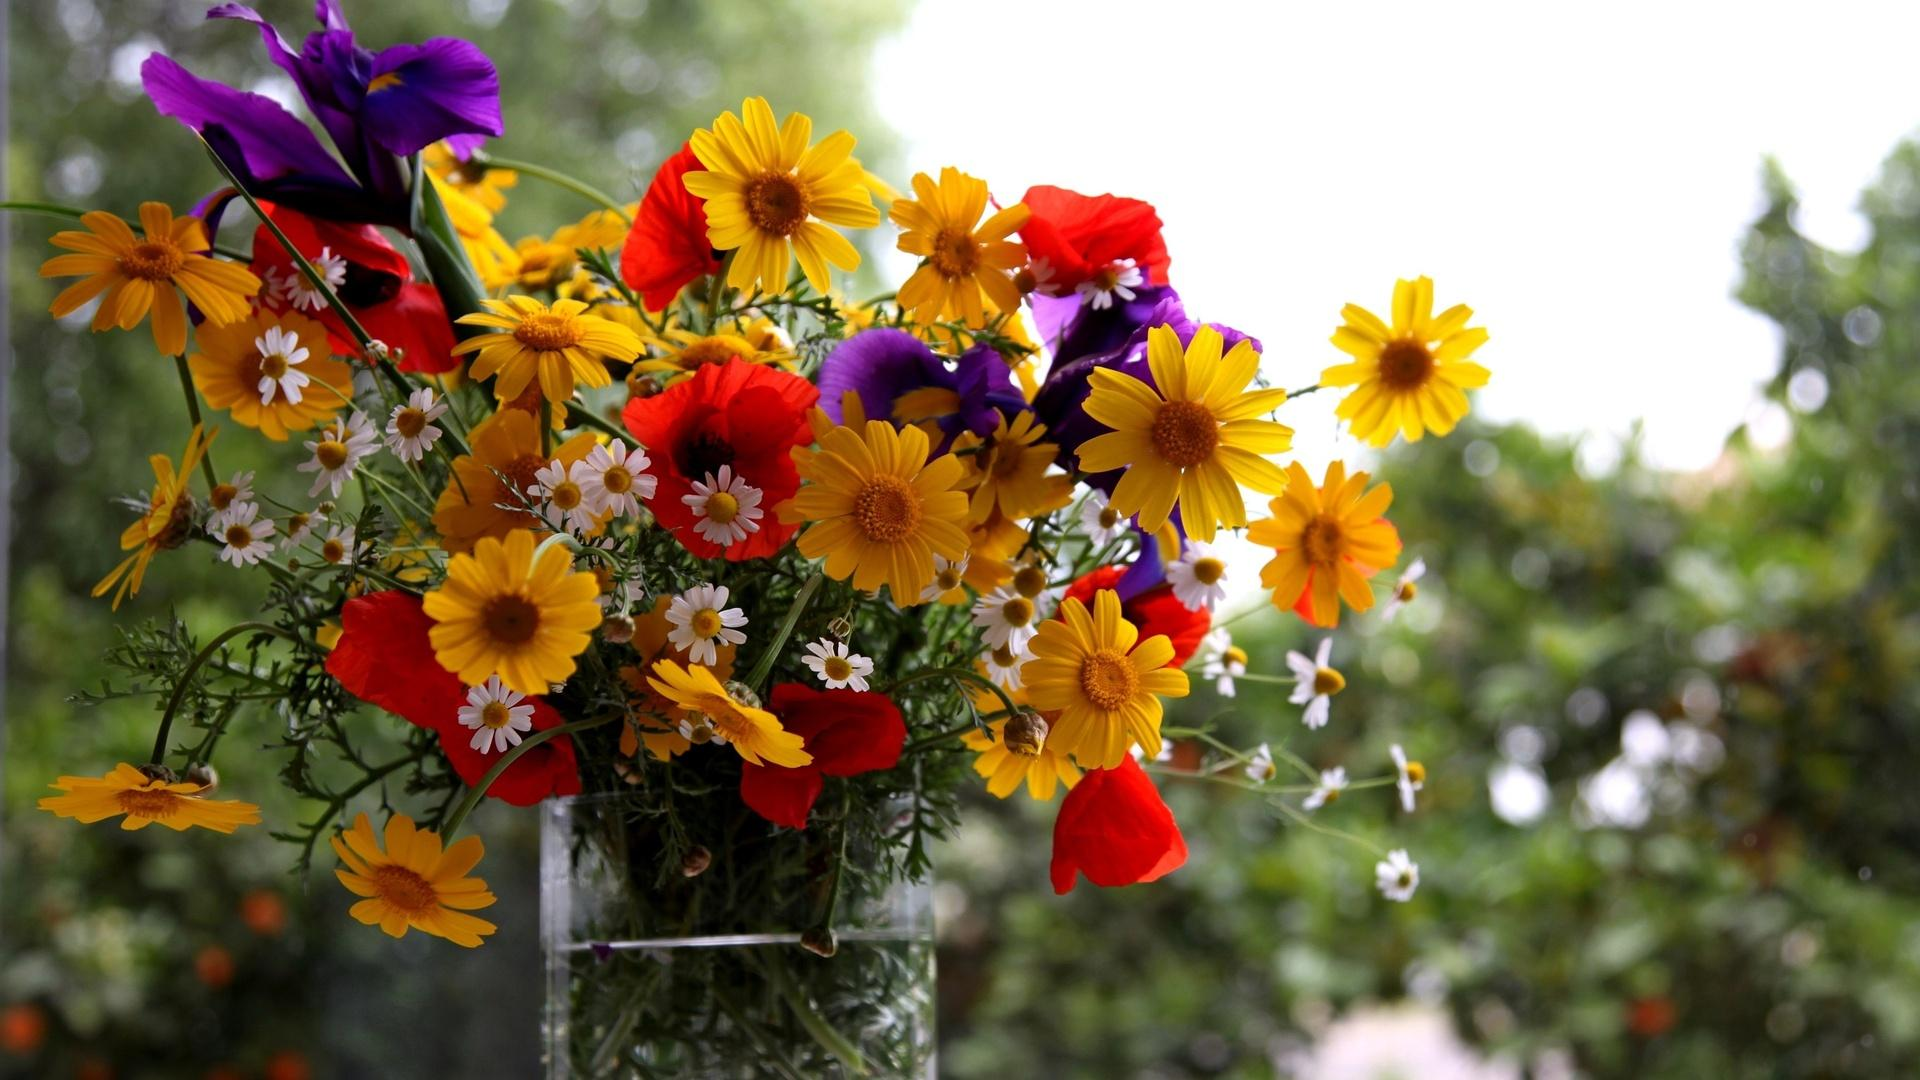 Салон доставки цветов по Перми предлагает букеты для праздников в августе